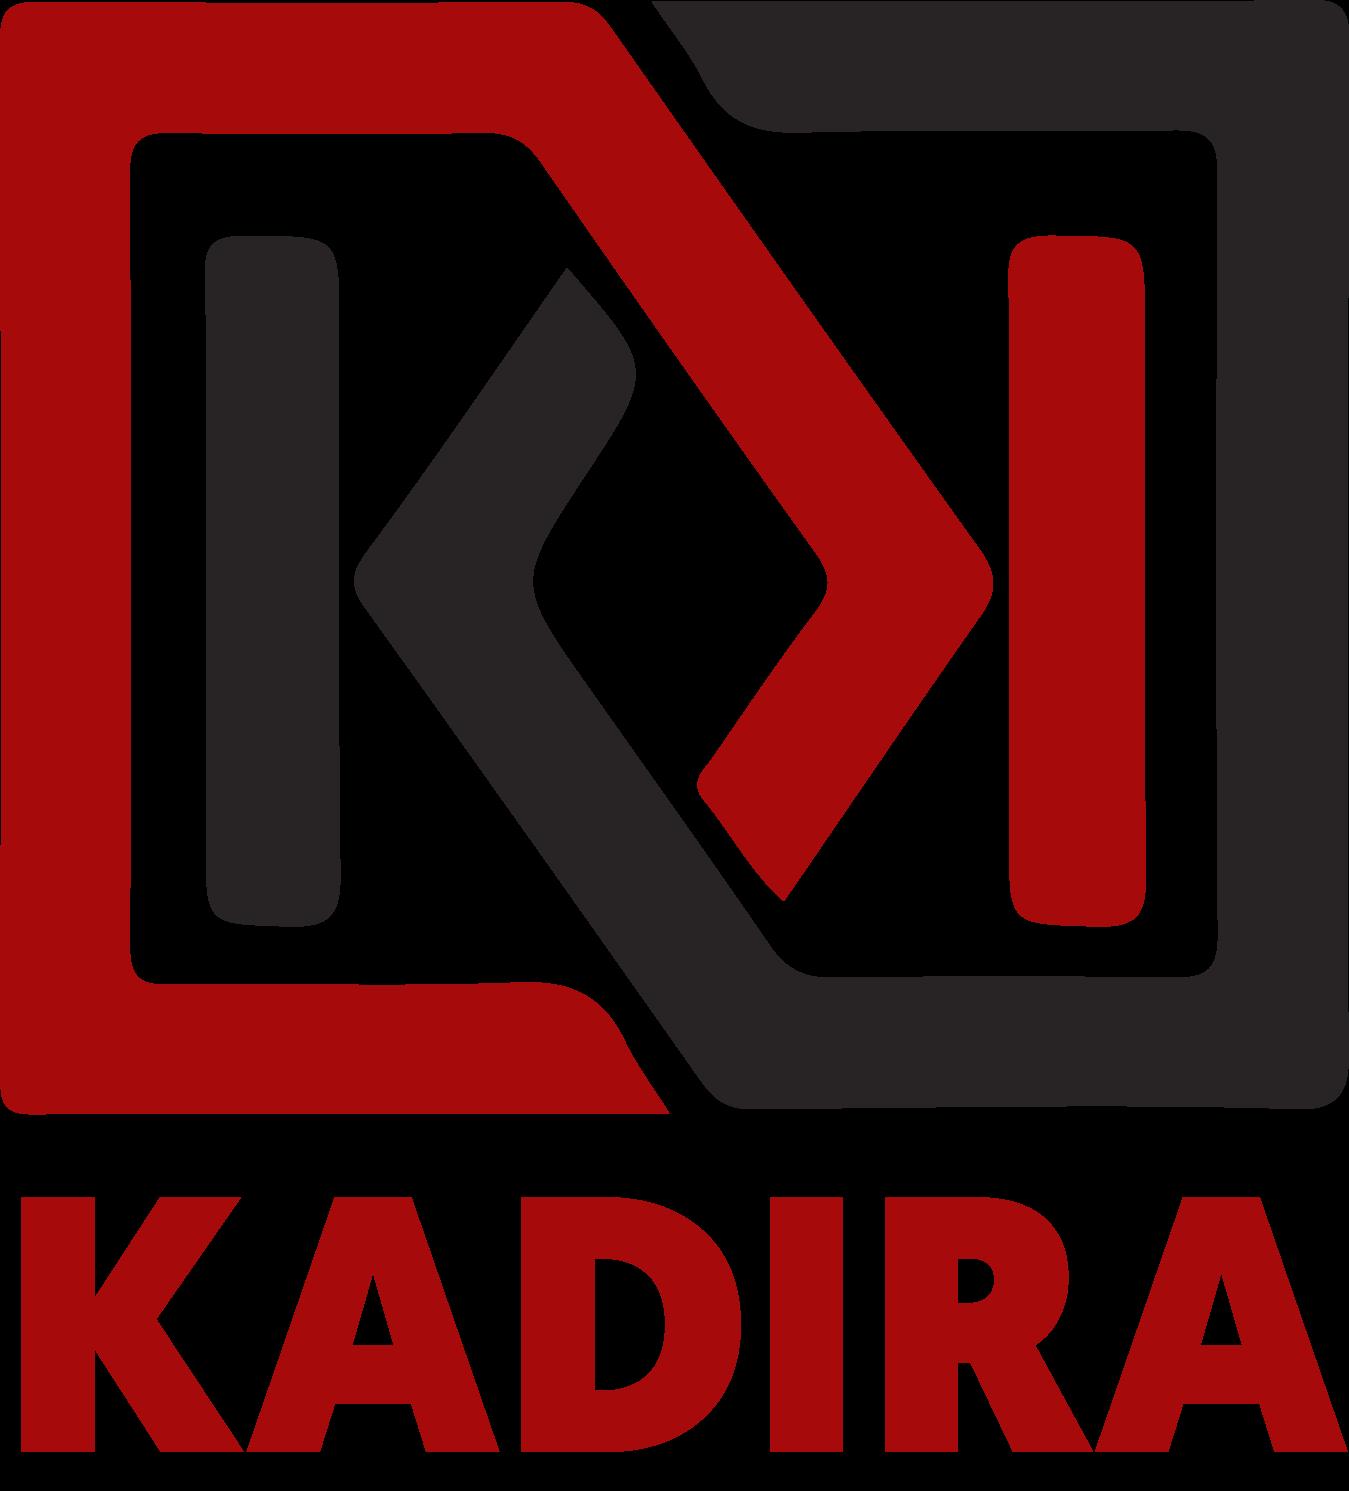 Kadira